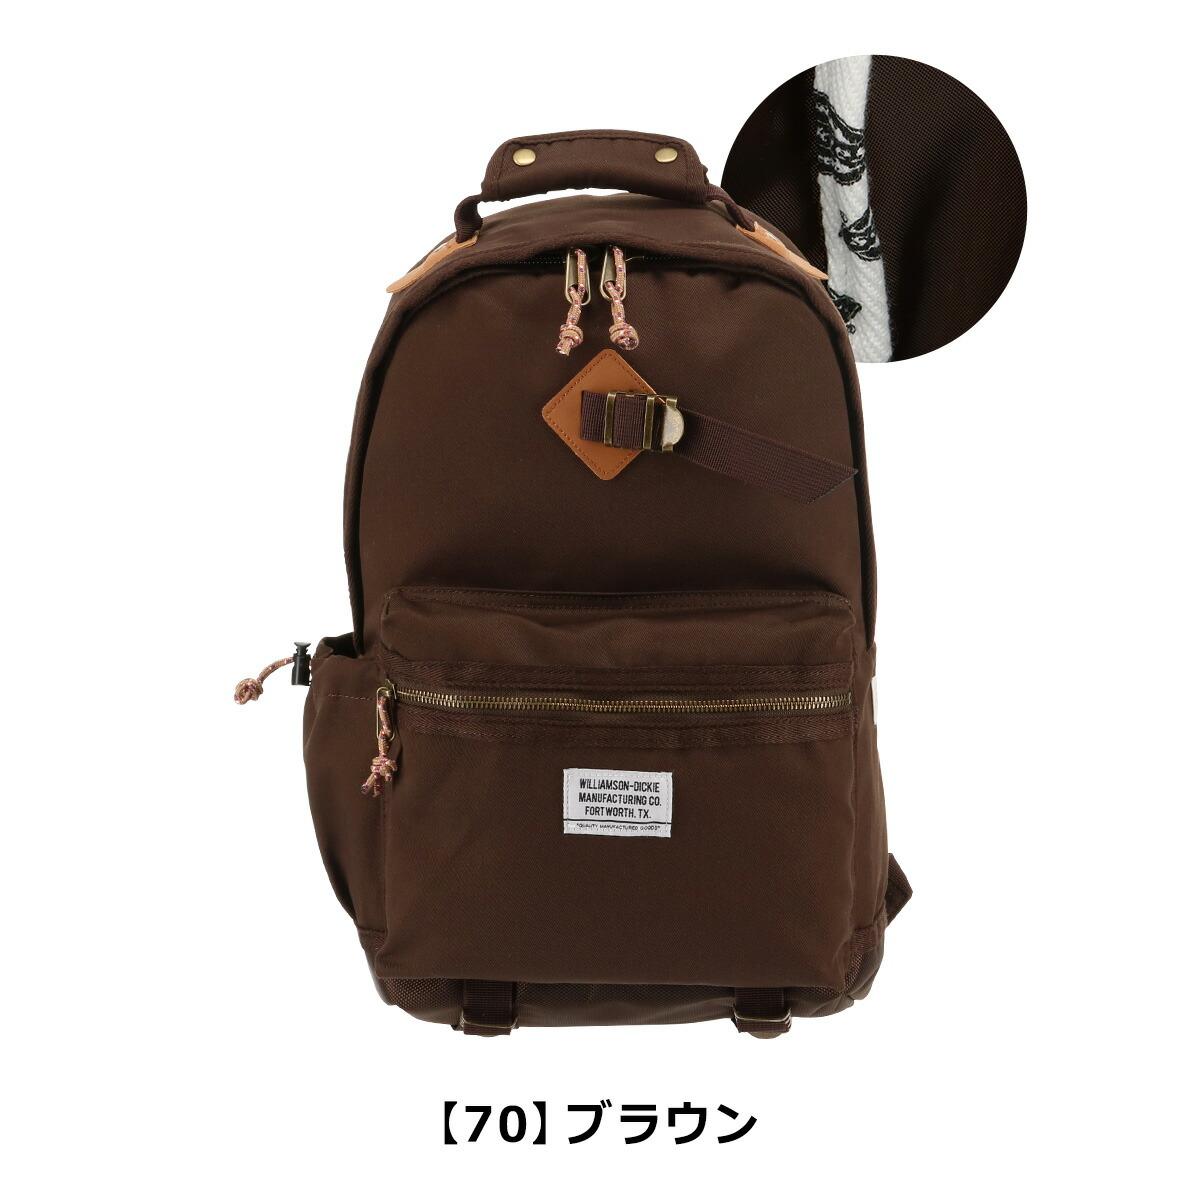 【70】ブラウン